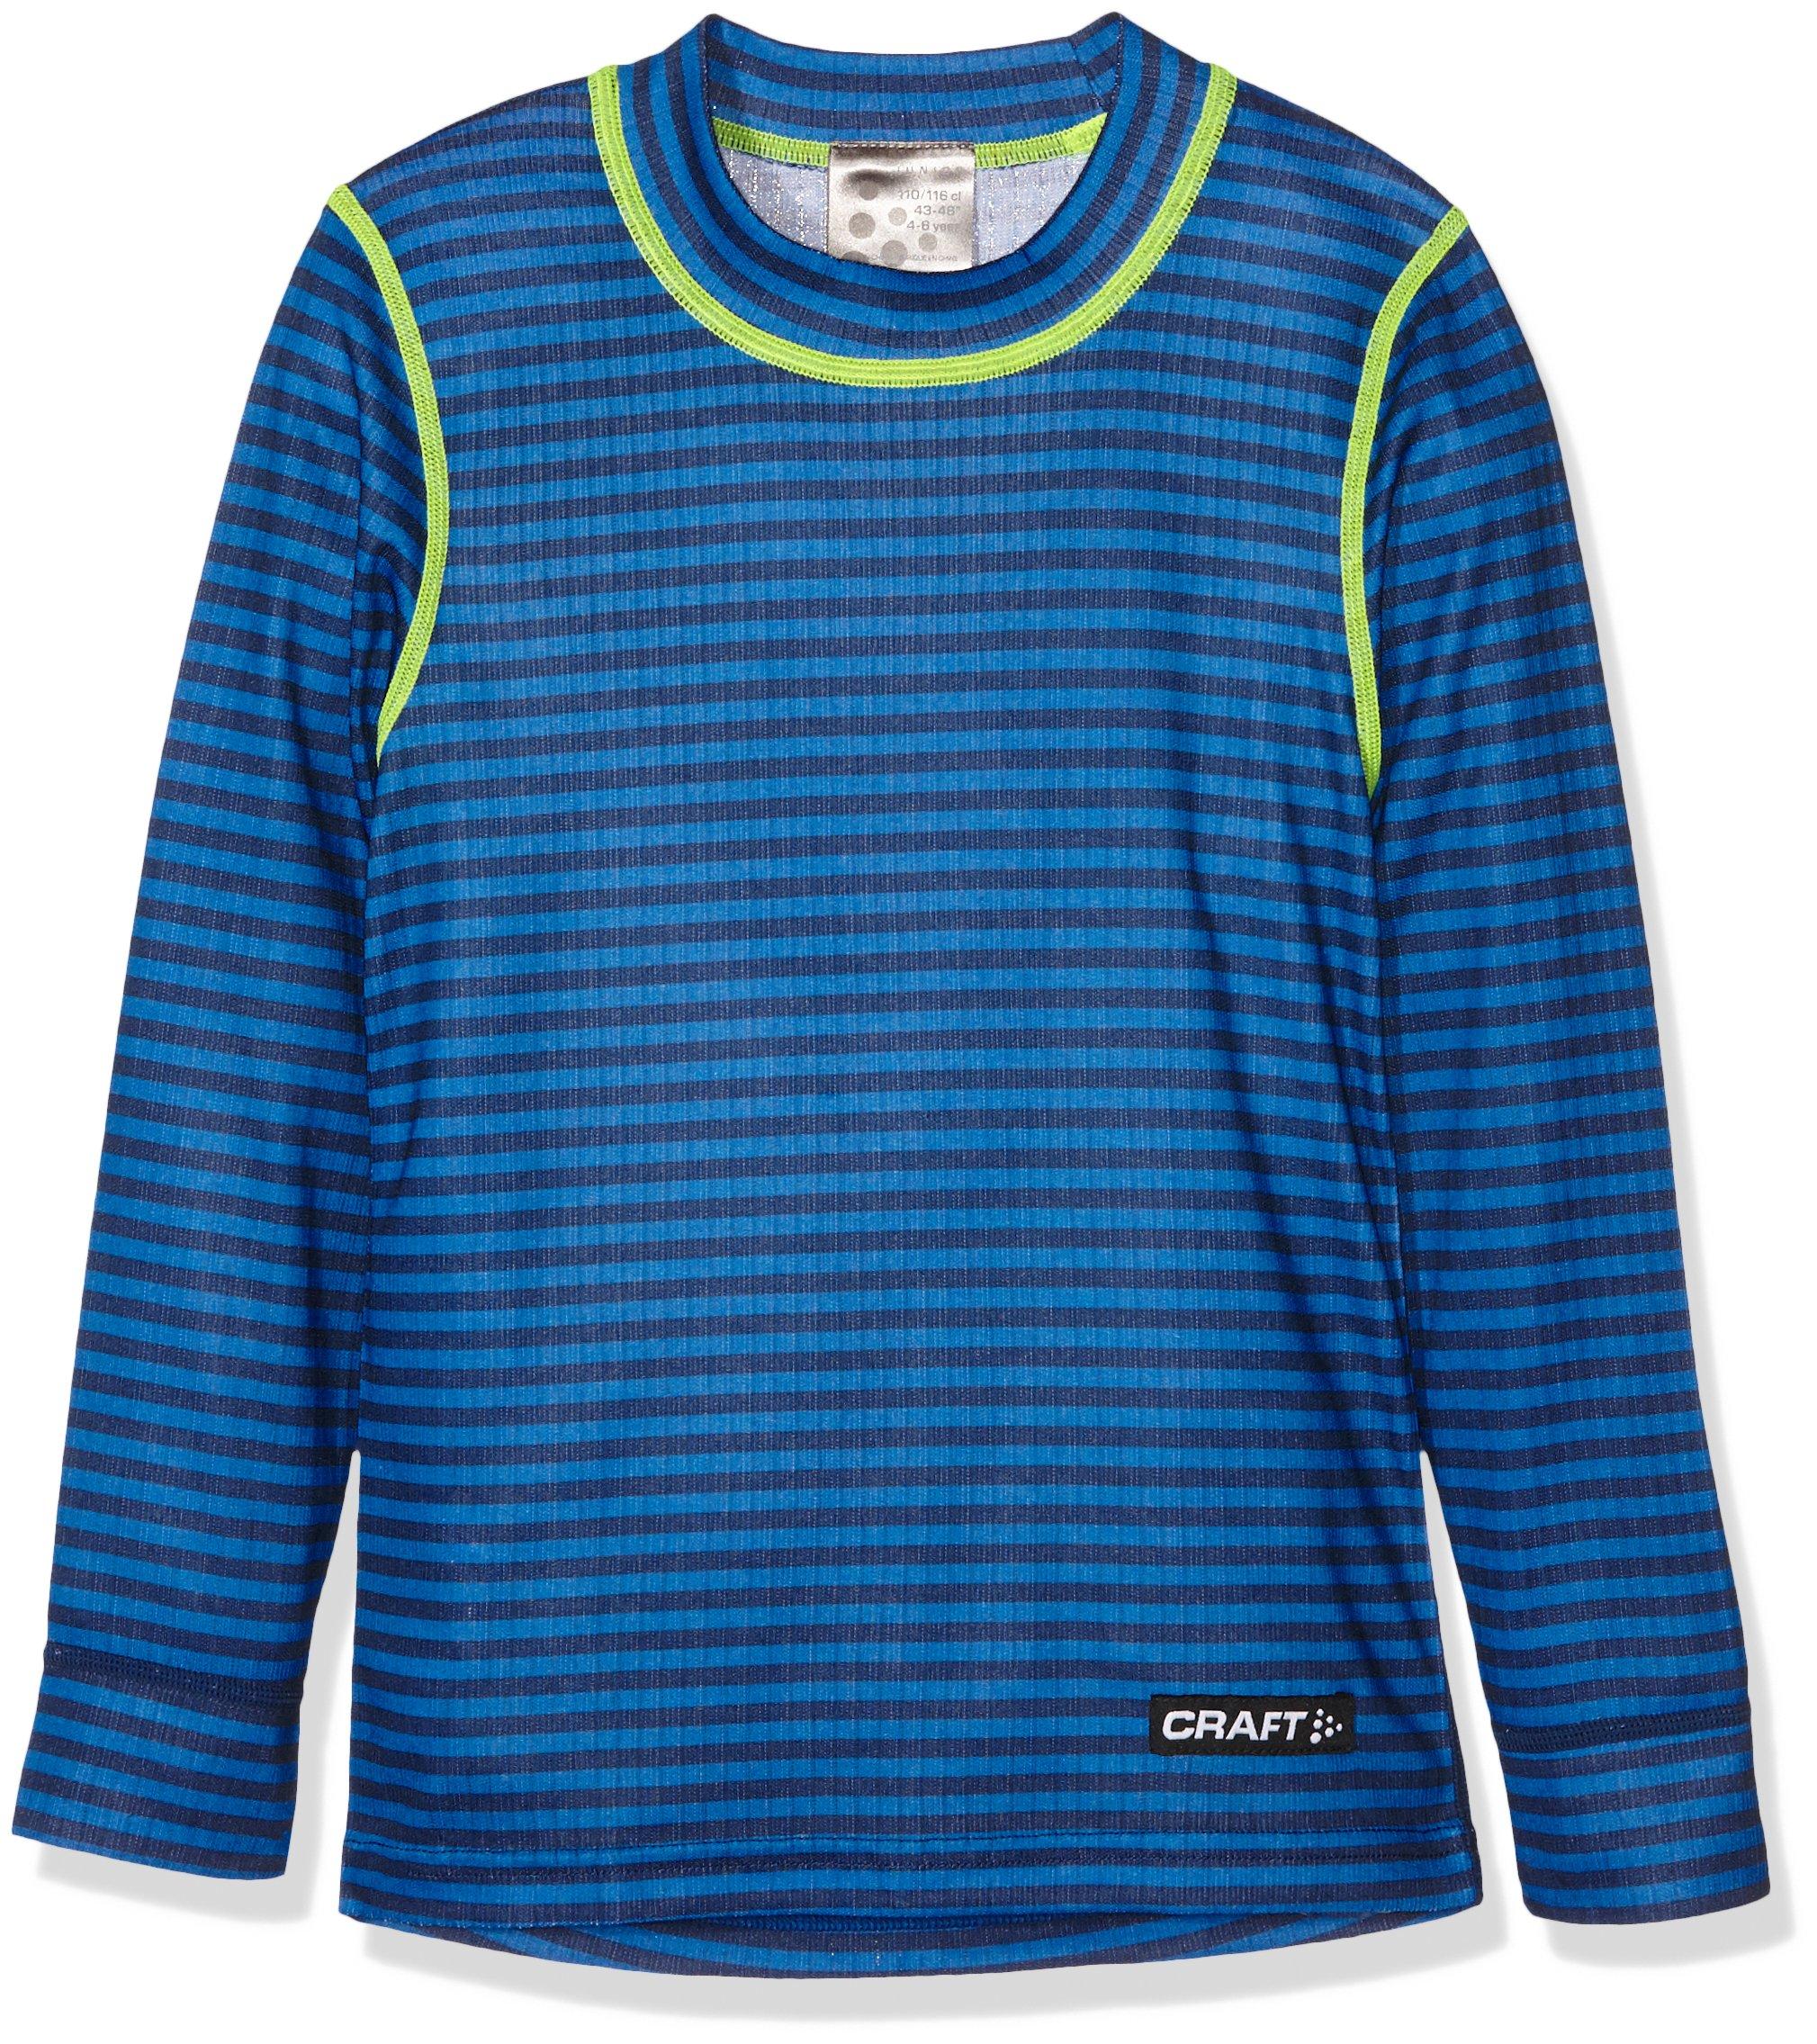 Craft bambini Mix e Match LS Junior P Intimo, Bambini, Unterwäsche Mix und Match LS Junior P, strip